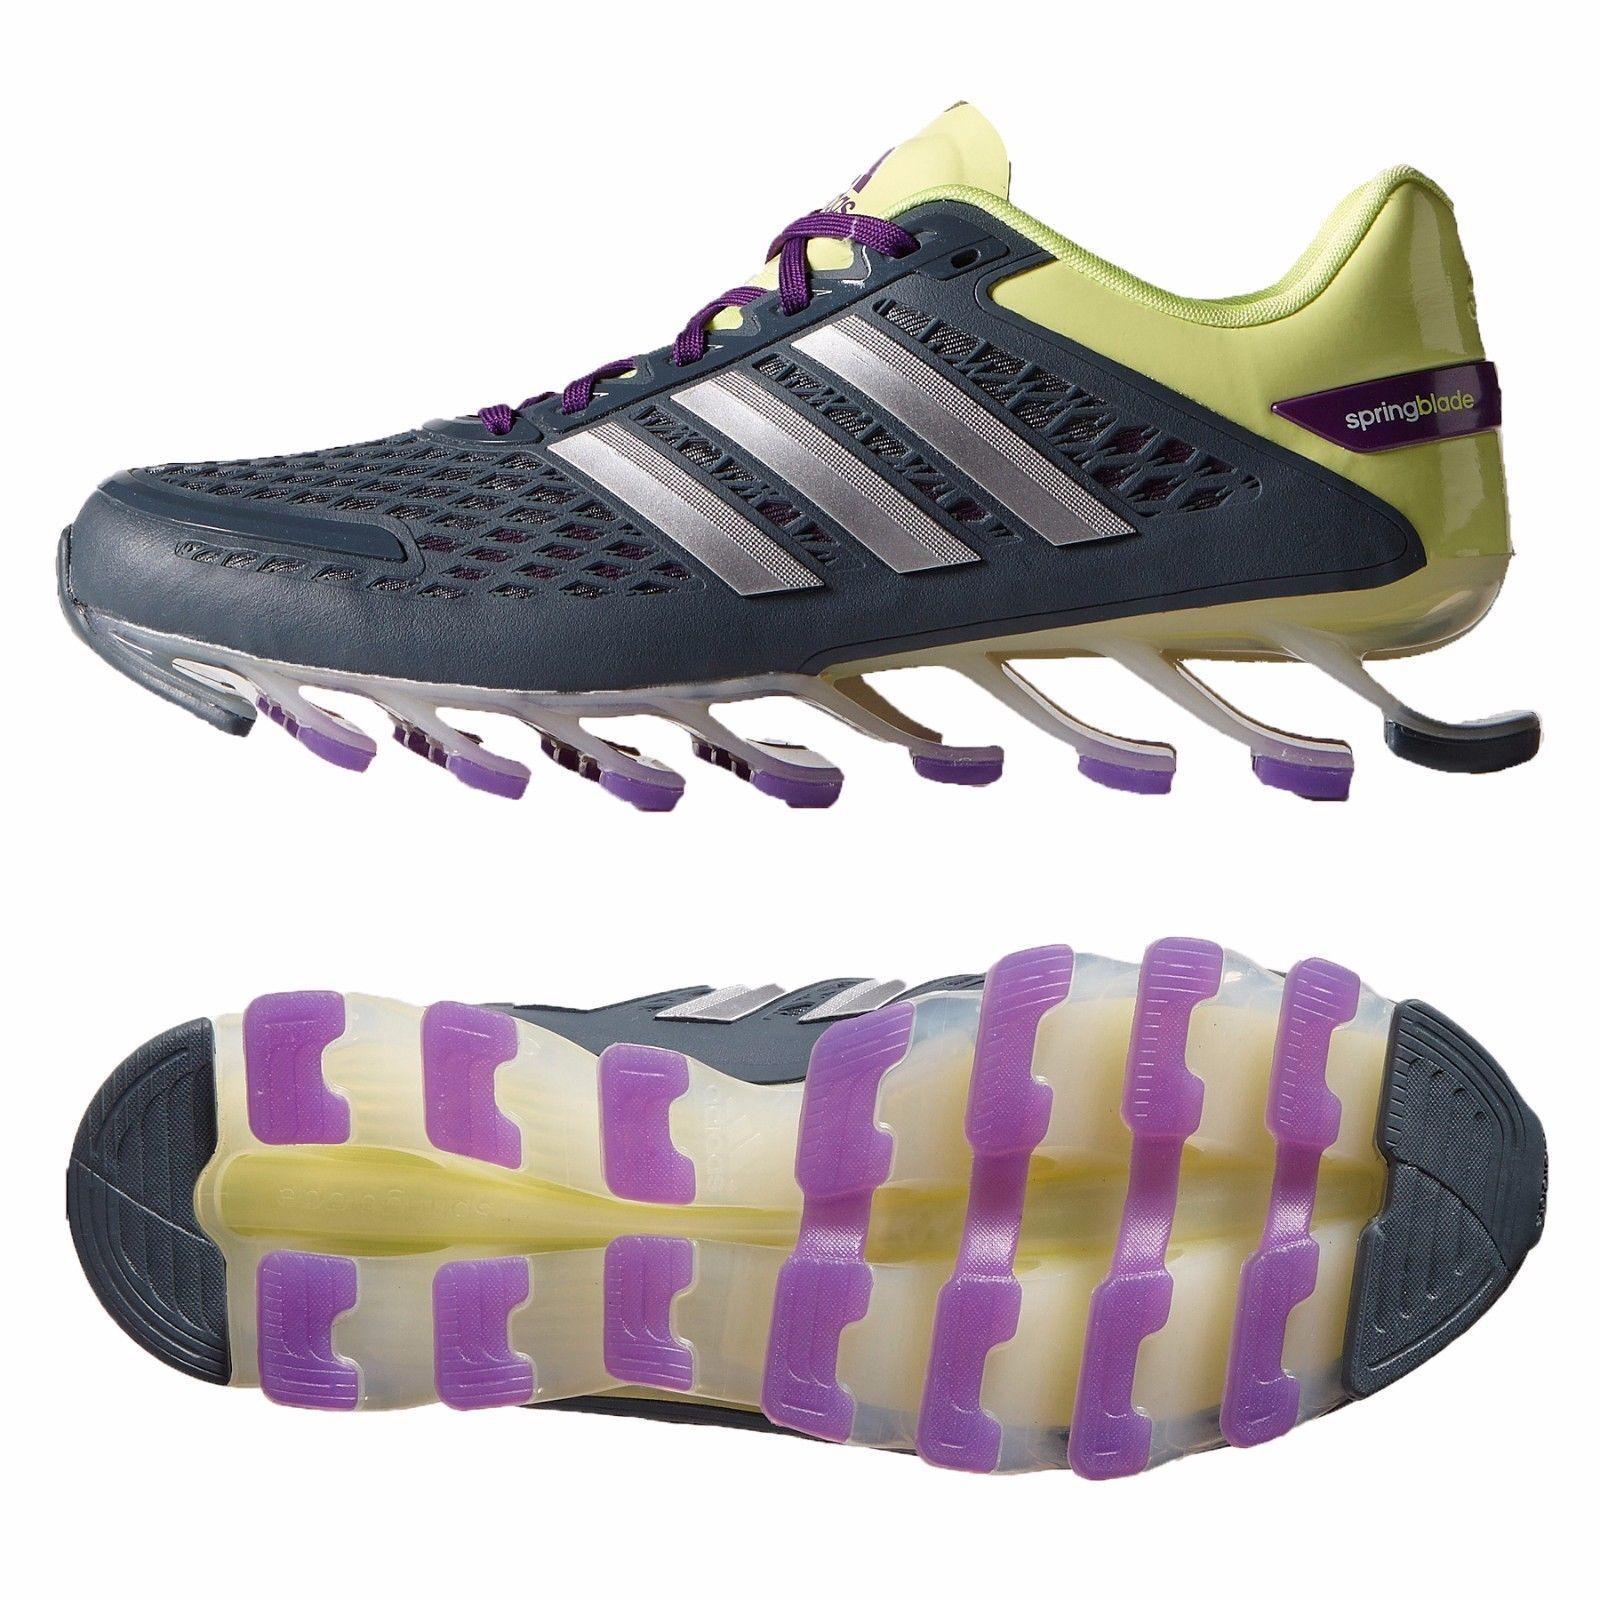 Adidas SpringBlade Razor G97688  Running scarpe Brand New USA Wouomo Dimensione 8.5  essere molto richiesto